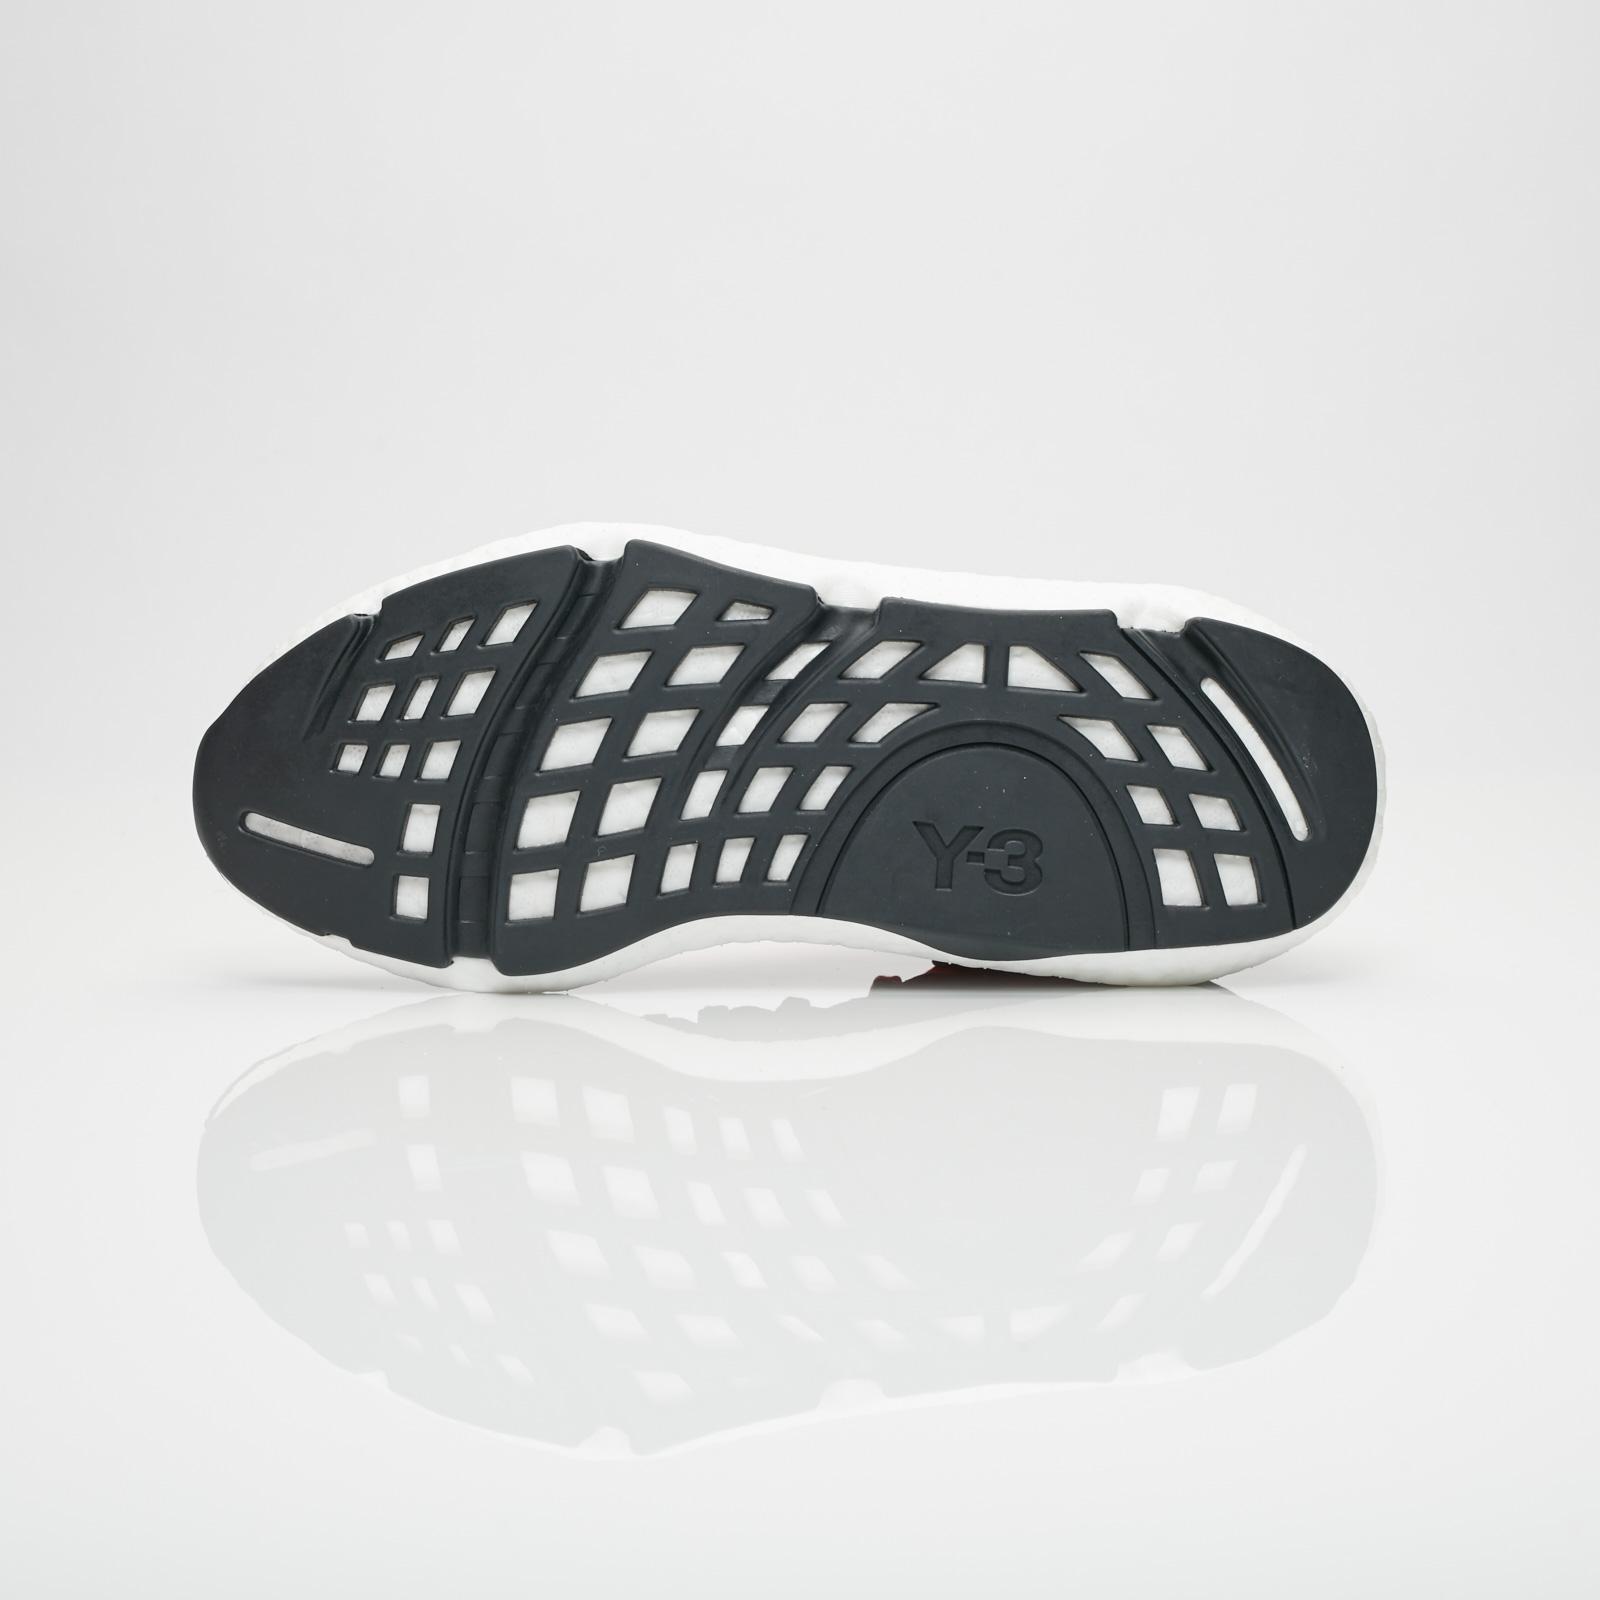 adidas adidas originaux des chaussures d'hommes ces baskets tubulaires de doom